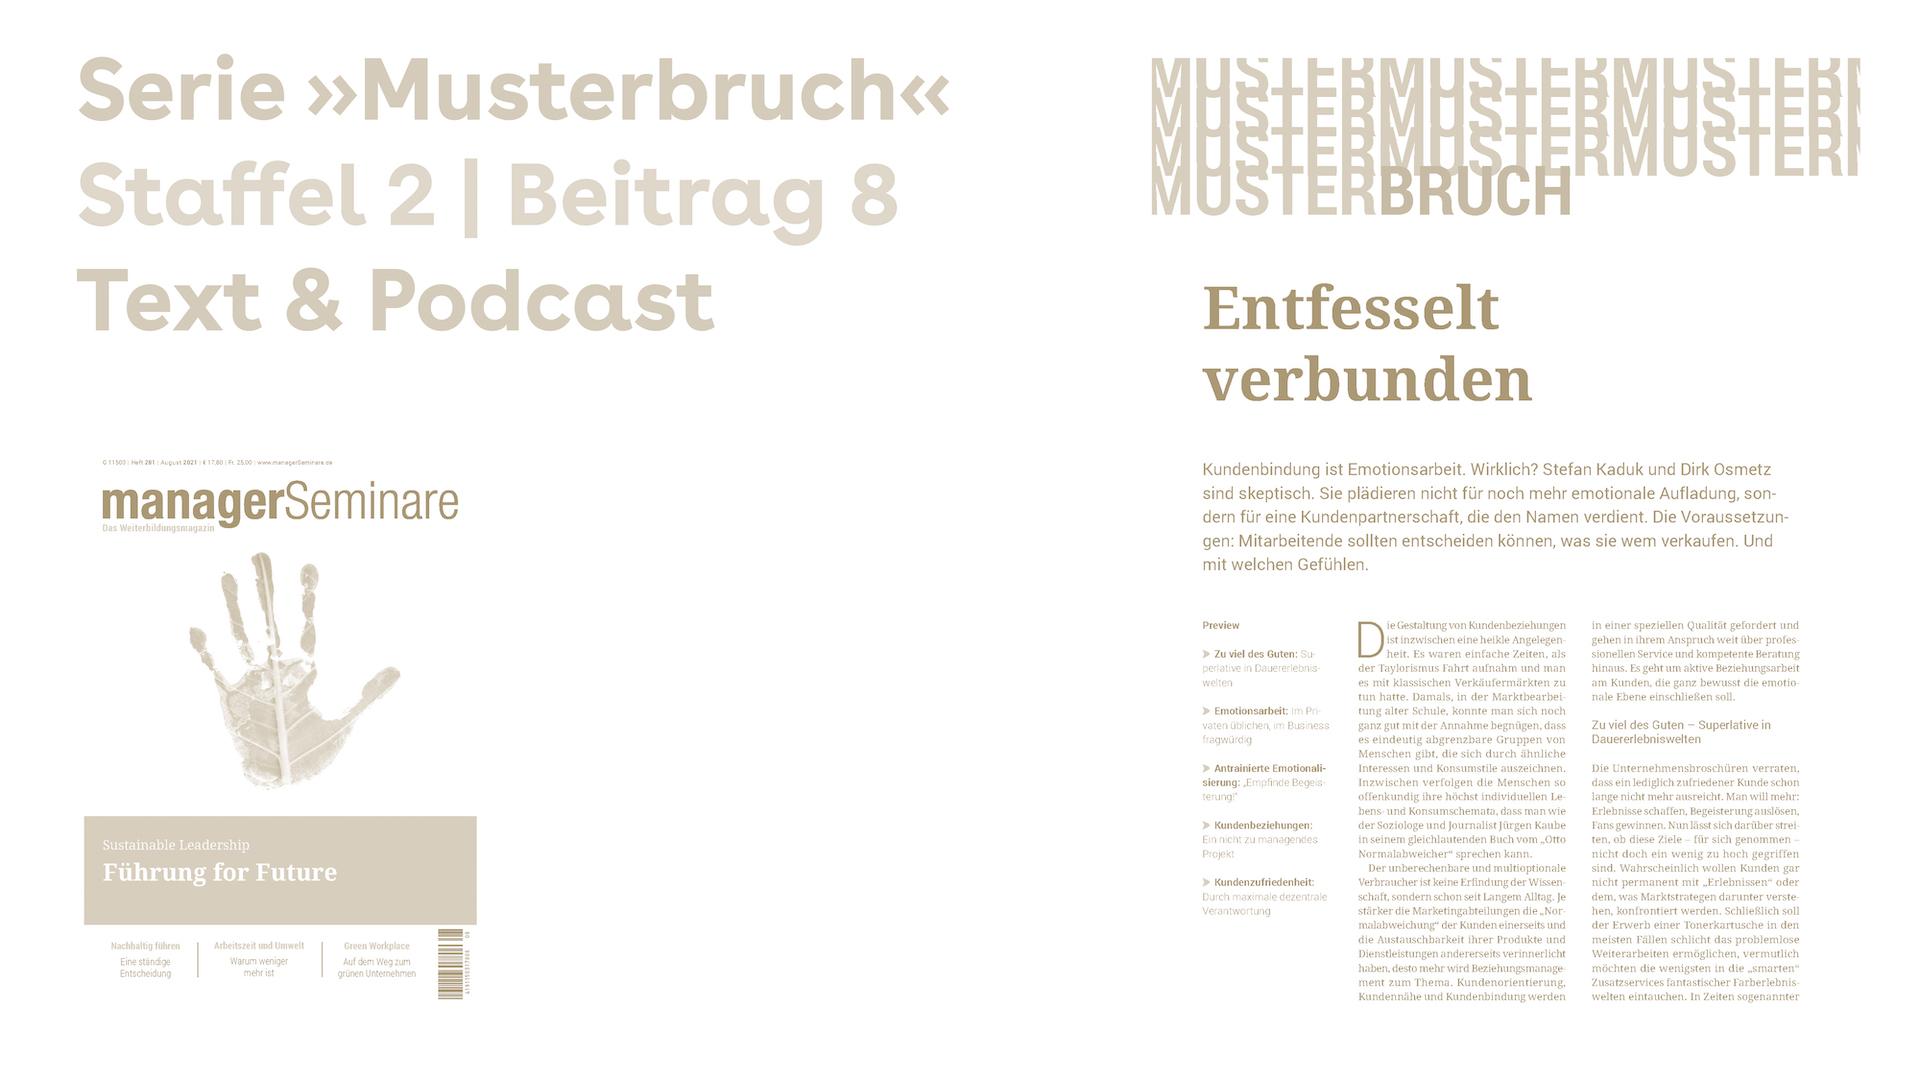 Musterbrecher_Start_Header_mS_281_Musterbrecher_Entfesselt_verbunden